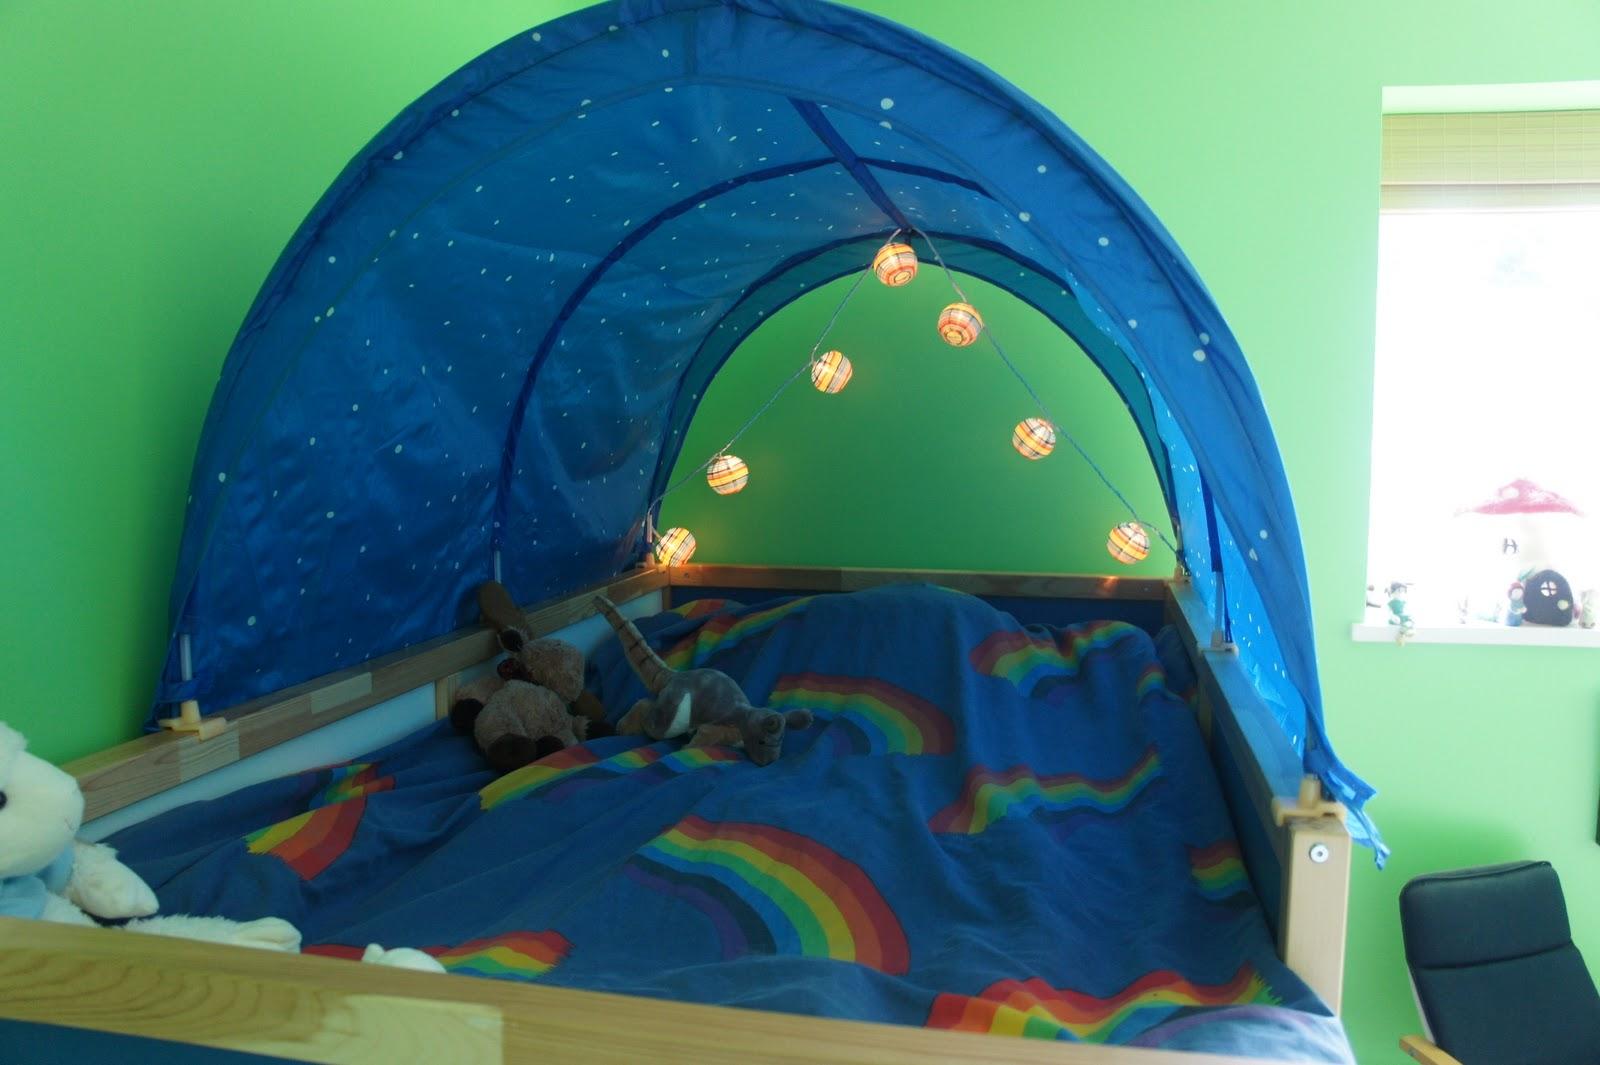 Montessori Beginnings & Montessori Beginnings: Lu0027s New Bedroom